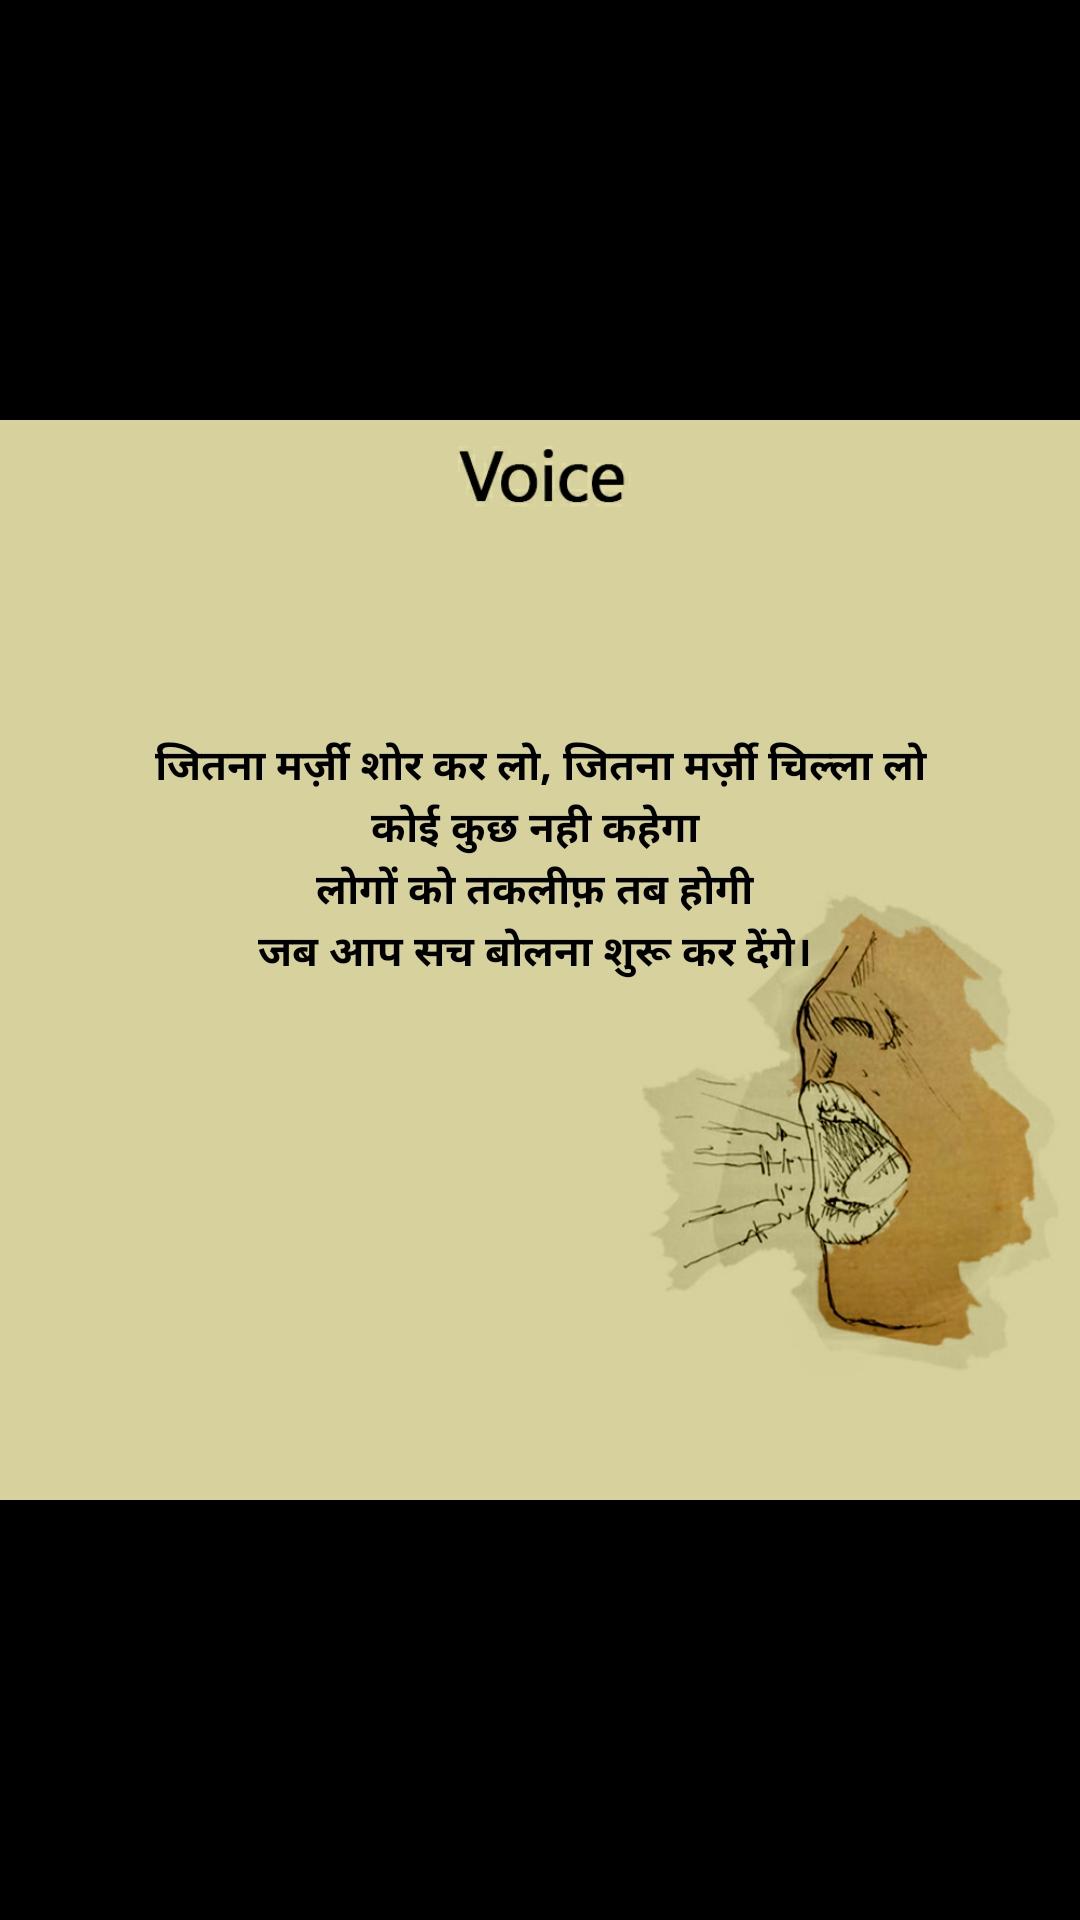 Voice  जितना मर्ज़ी शोर कर लो, जितना मर्ज़ी चिल्ला लो कोई कुछ नही कहेगा  लोगों को तकलीफ़ तब होगी  जब आप सच बोलना शुरू कर देंगे।